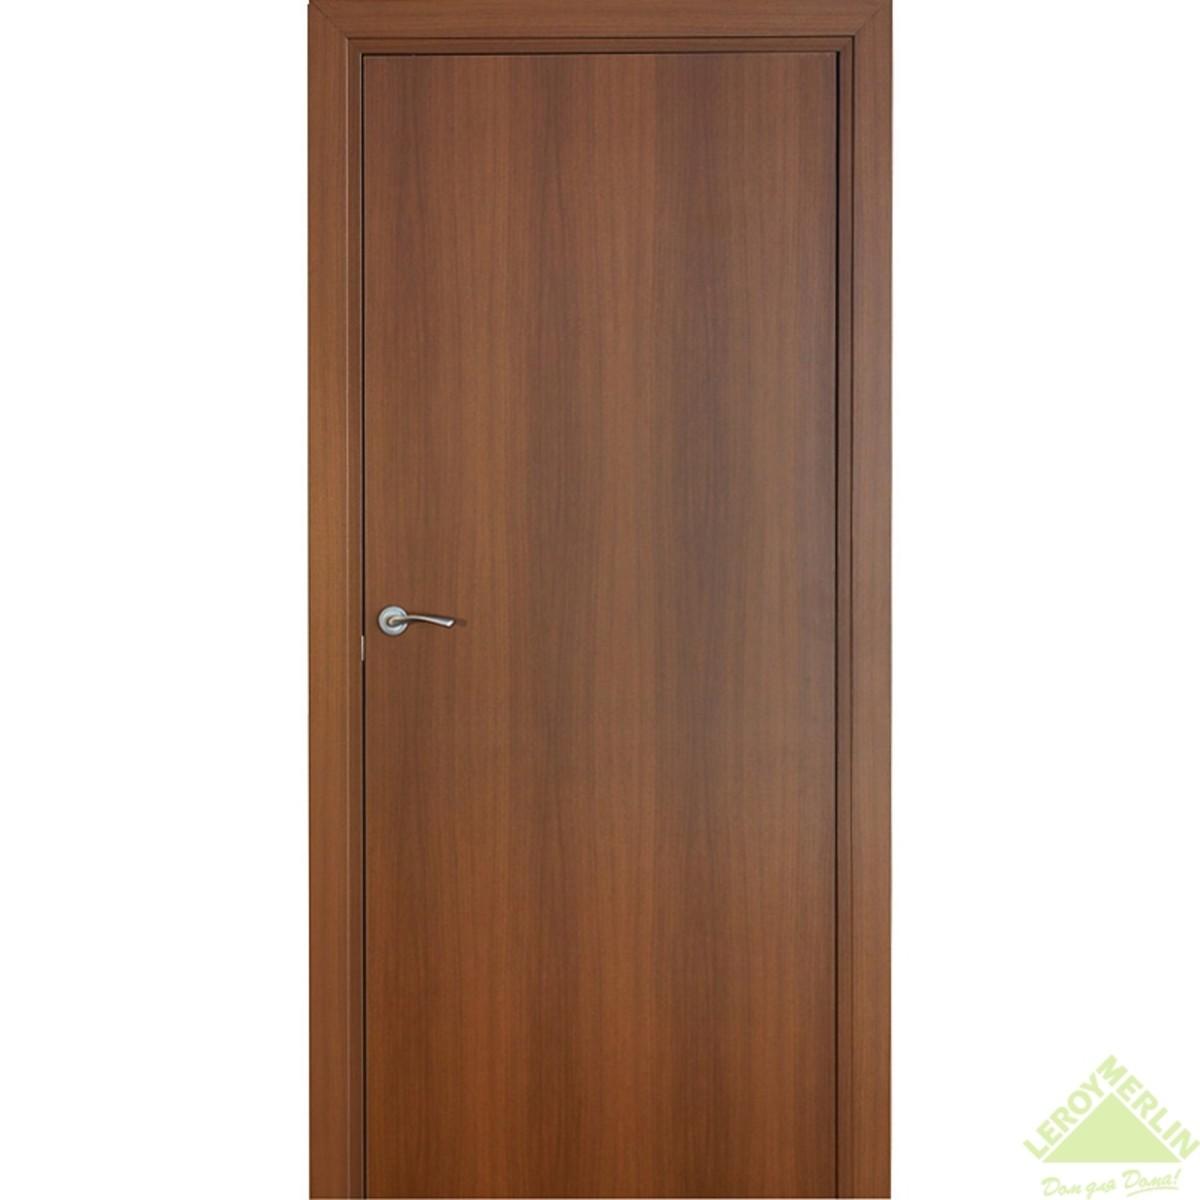 Дверь межкомнатная глухая Фортунато 70x200 см ламинация цвет орех